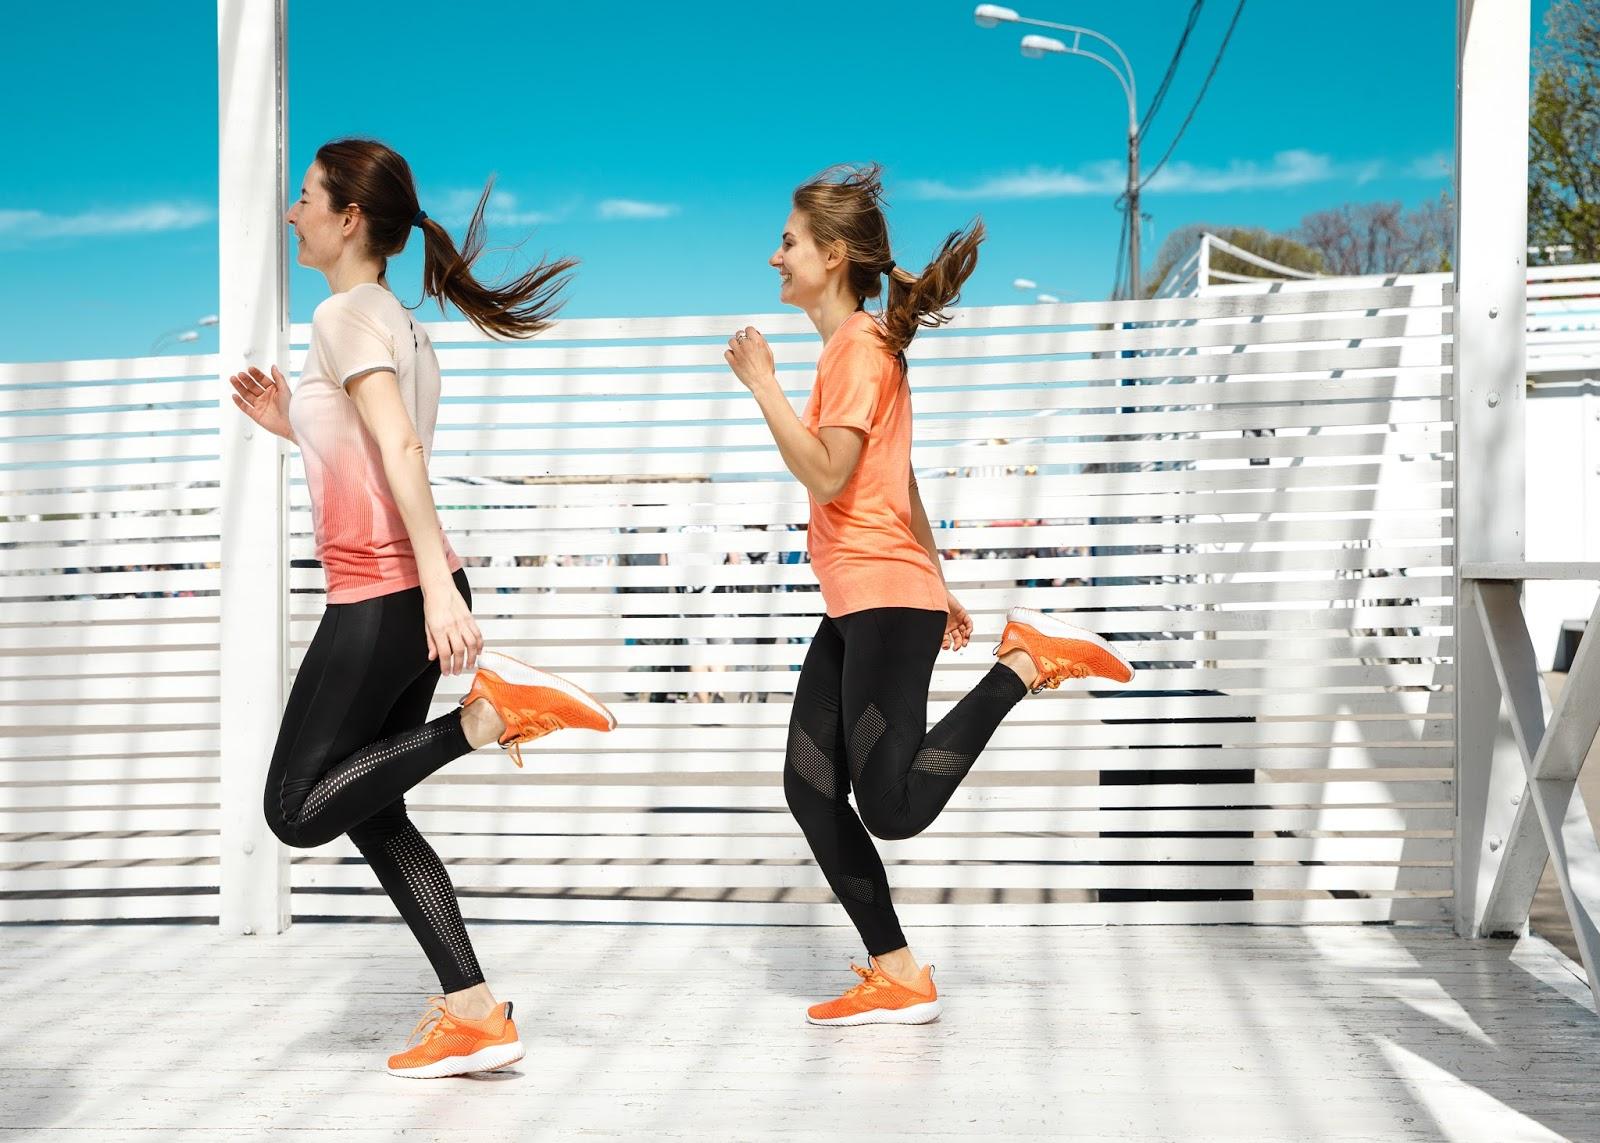 быстрый и эффективный способ похудеть во всех местах упражнения